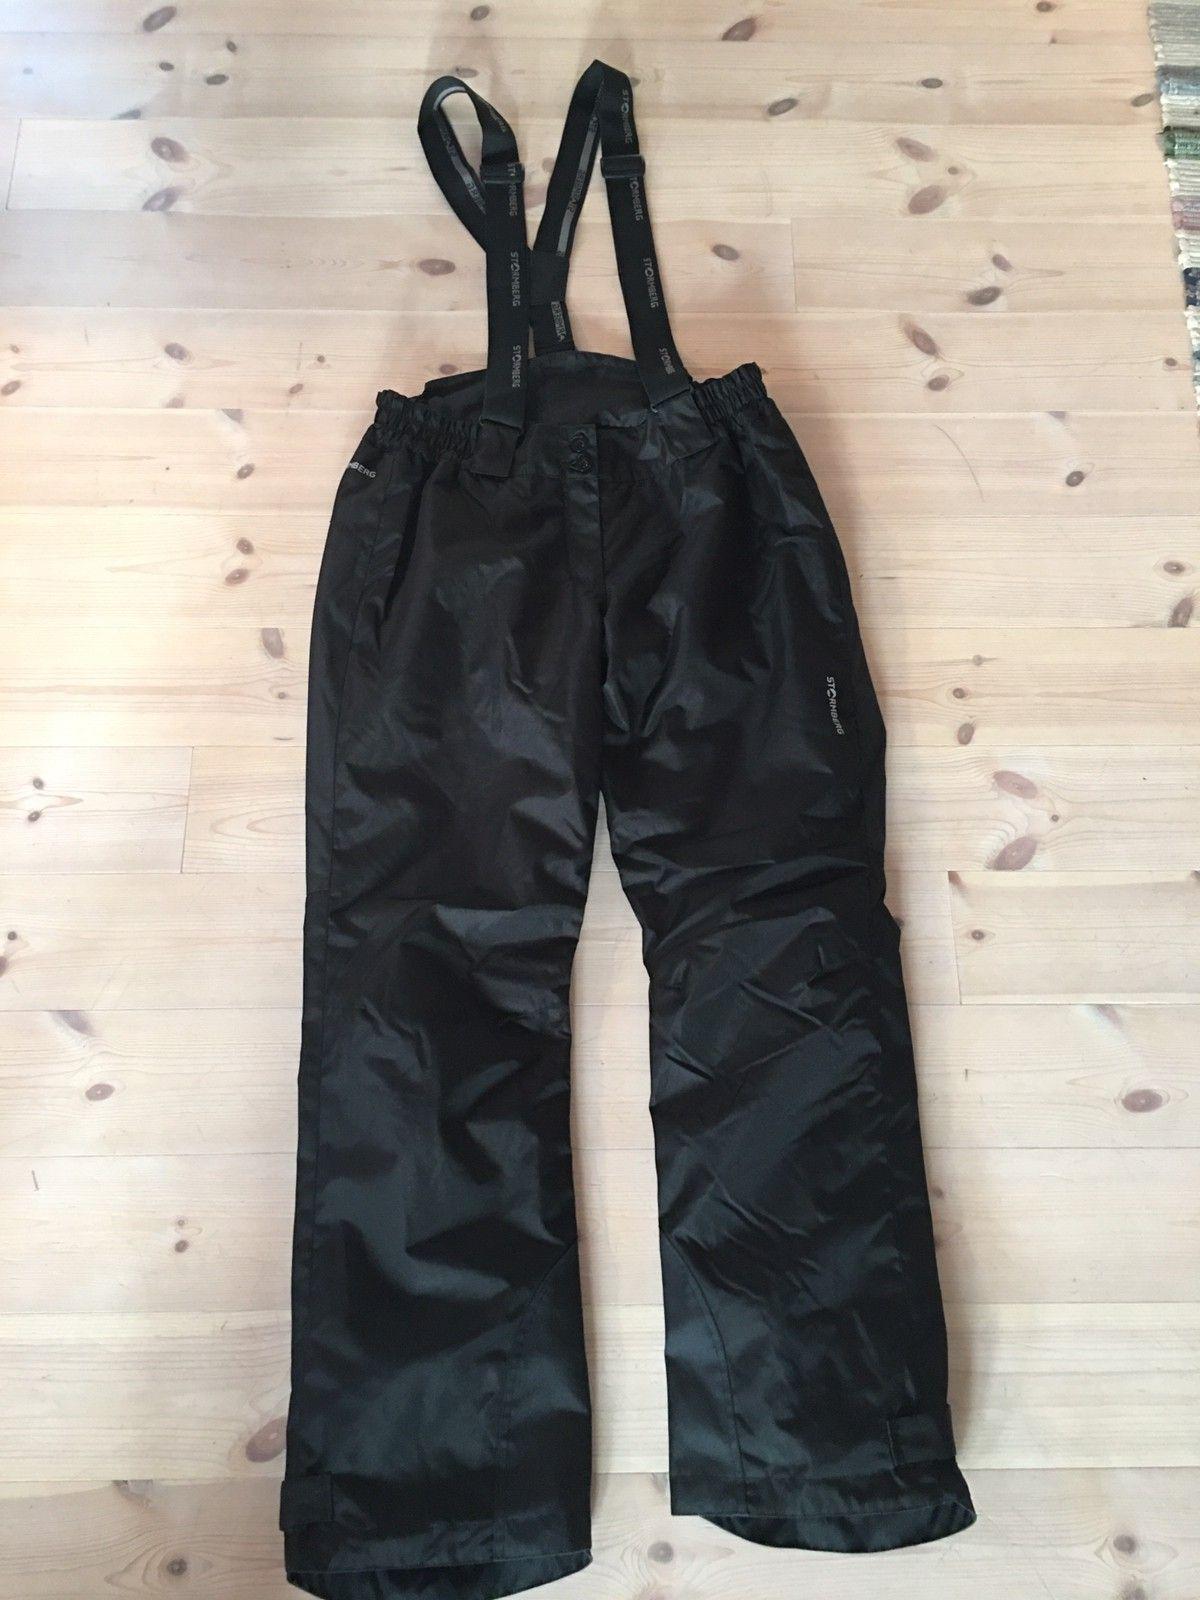 Stormberg vateret bukse modell Geilo | FINN.no